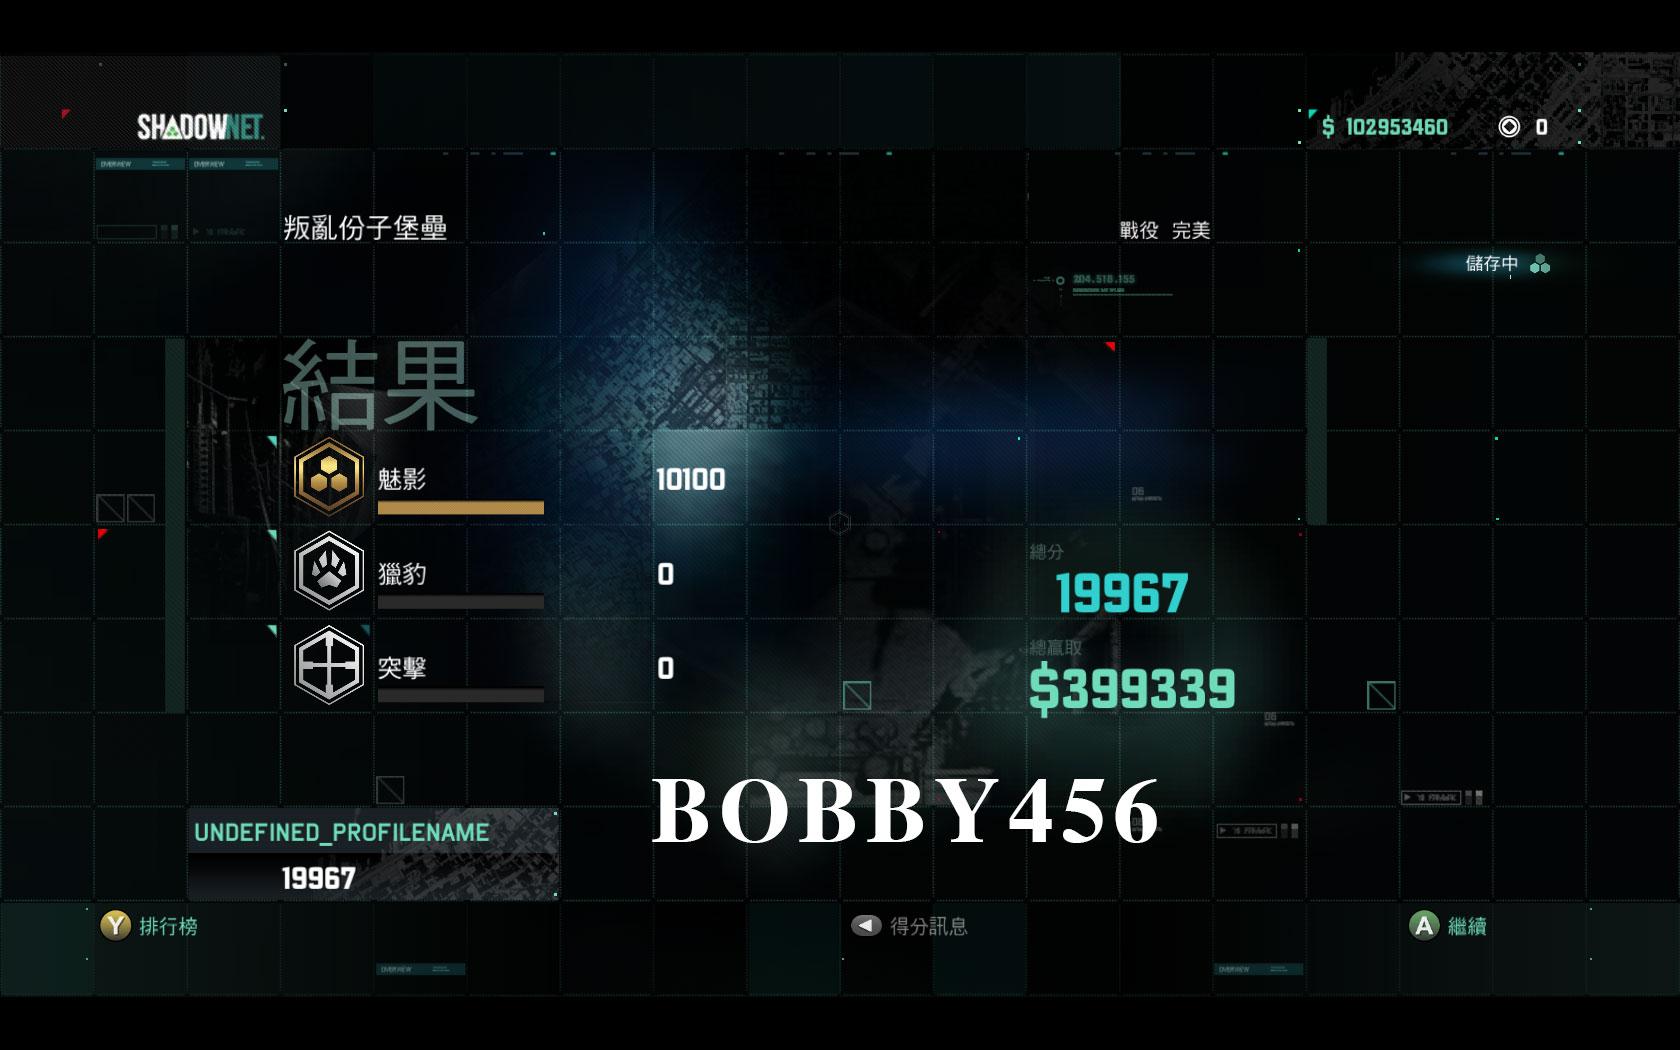 Blacklist_DX11_game-2013-09-03-15-12-39-21.jpg